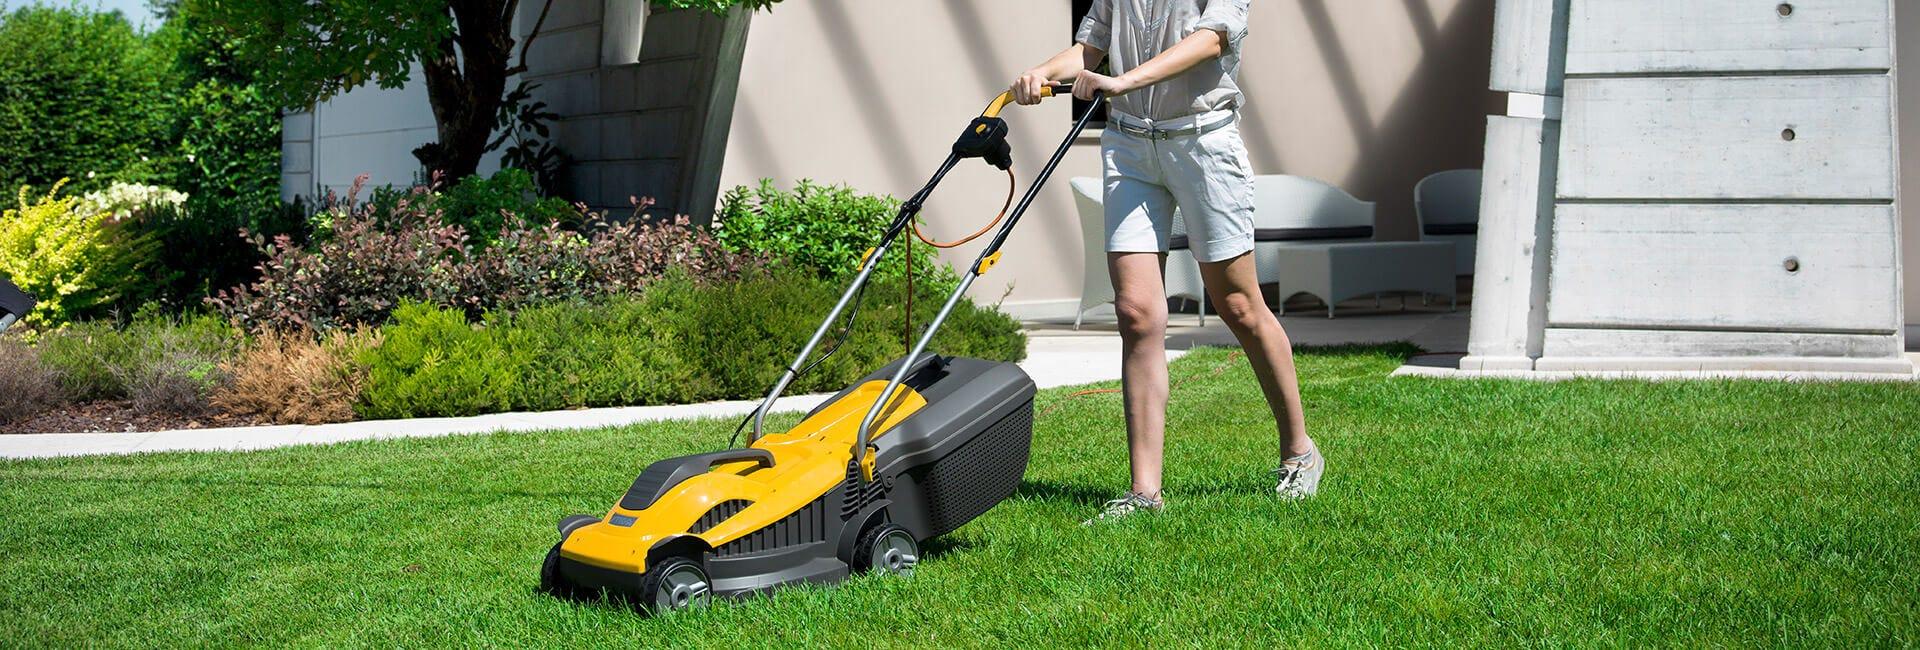 Attraktiva Elektriska gräsklippare - Elgräsklippare | STIGA YP-39